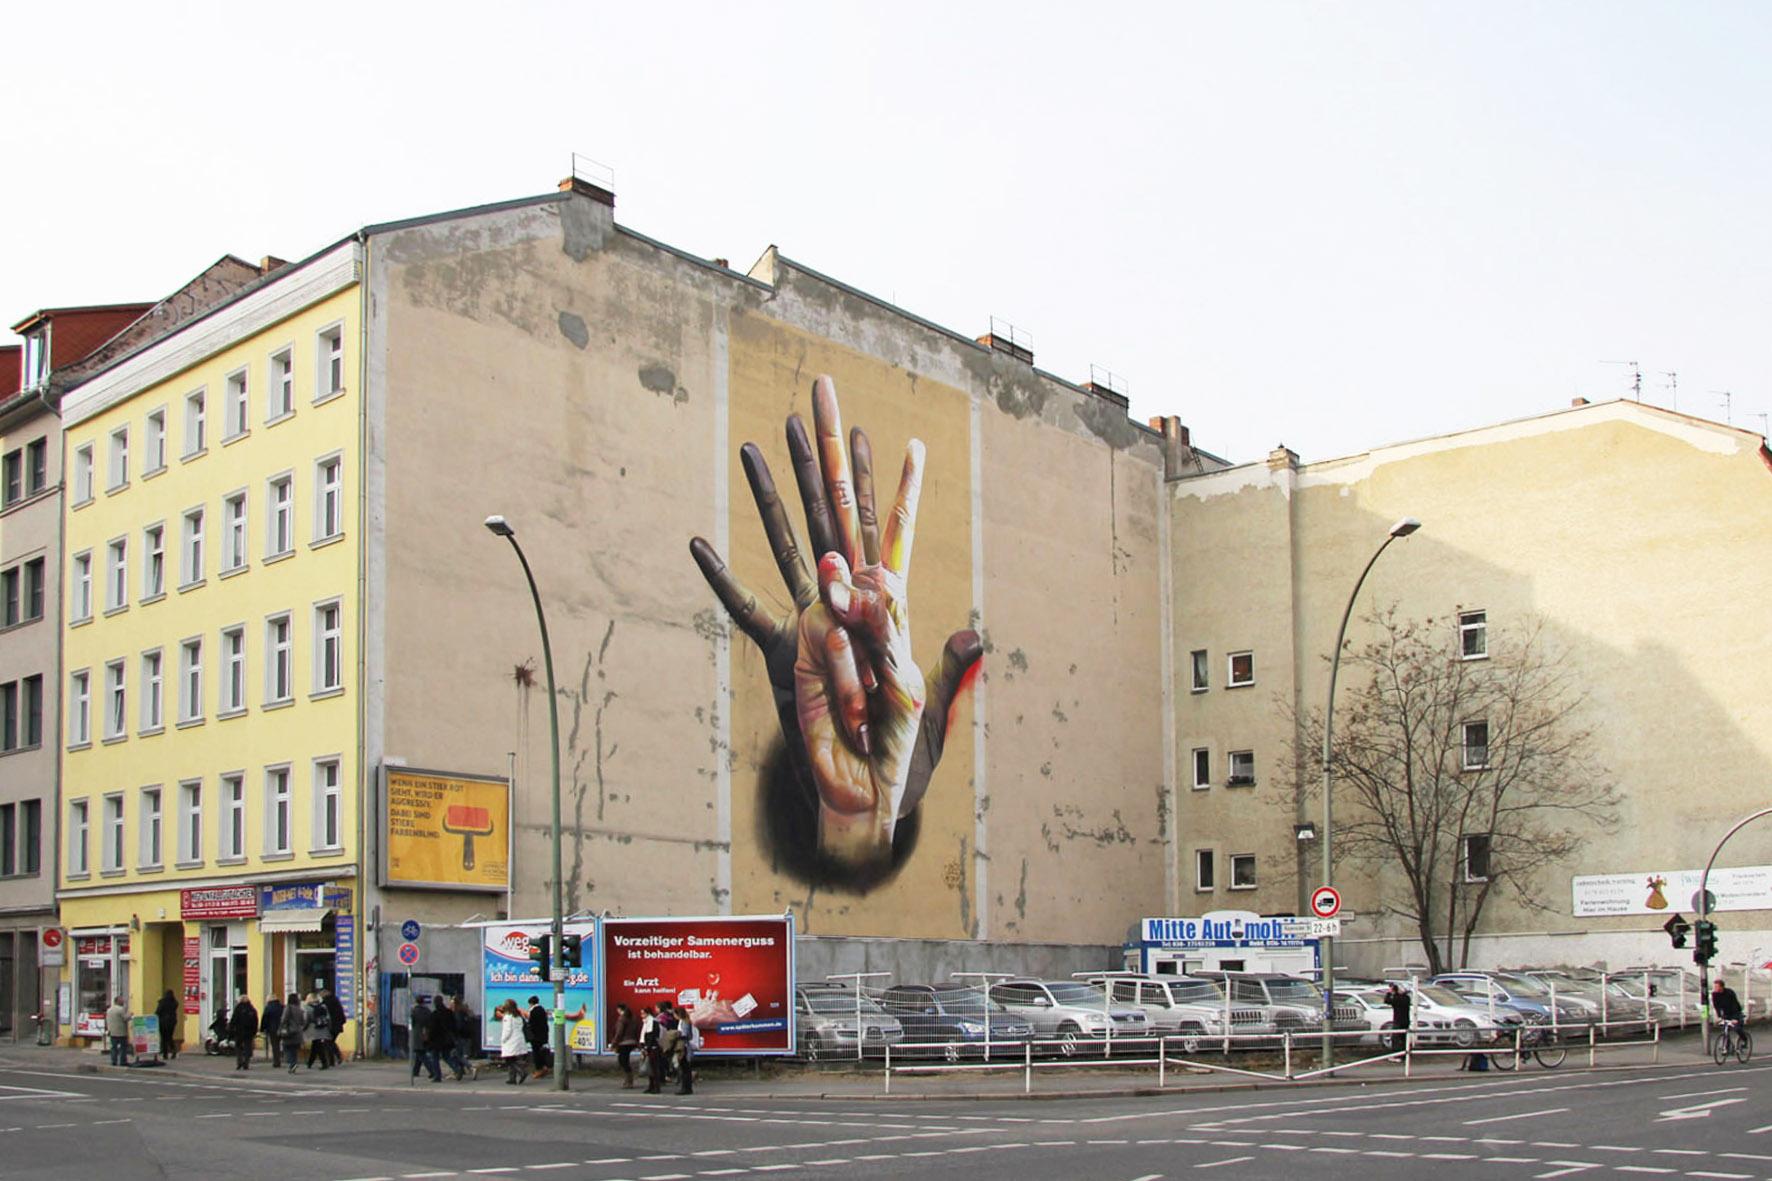 Weitwinkel Anblick von dem Street Art Mural Unter der Hand von CASE Maclaim mit bunten, überlappenden Händen an der Ecke Brückenstraße / Köpenicker Strasse in der Nähe des Eingangs zum U-Bahnhof Heinrich-Heine-Straße in Berlin